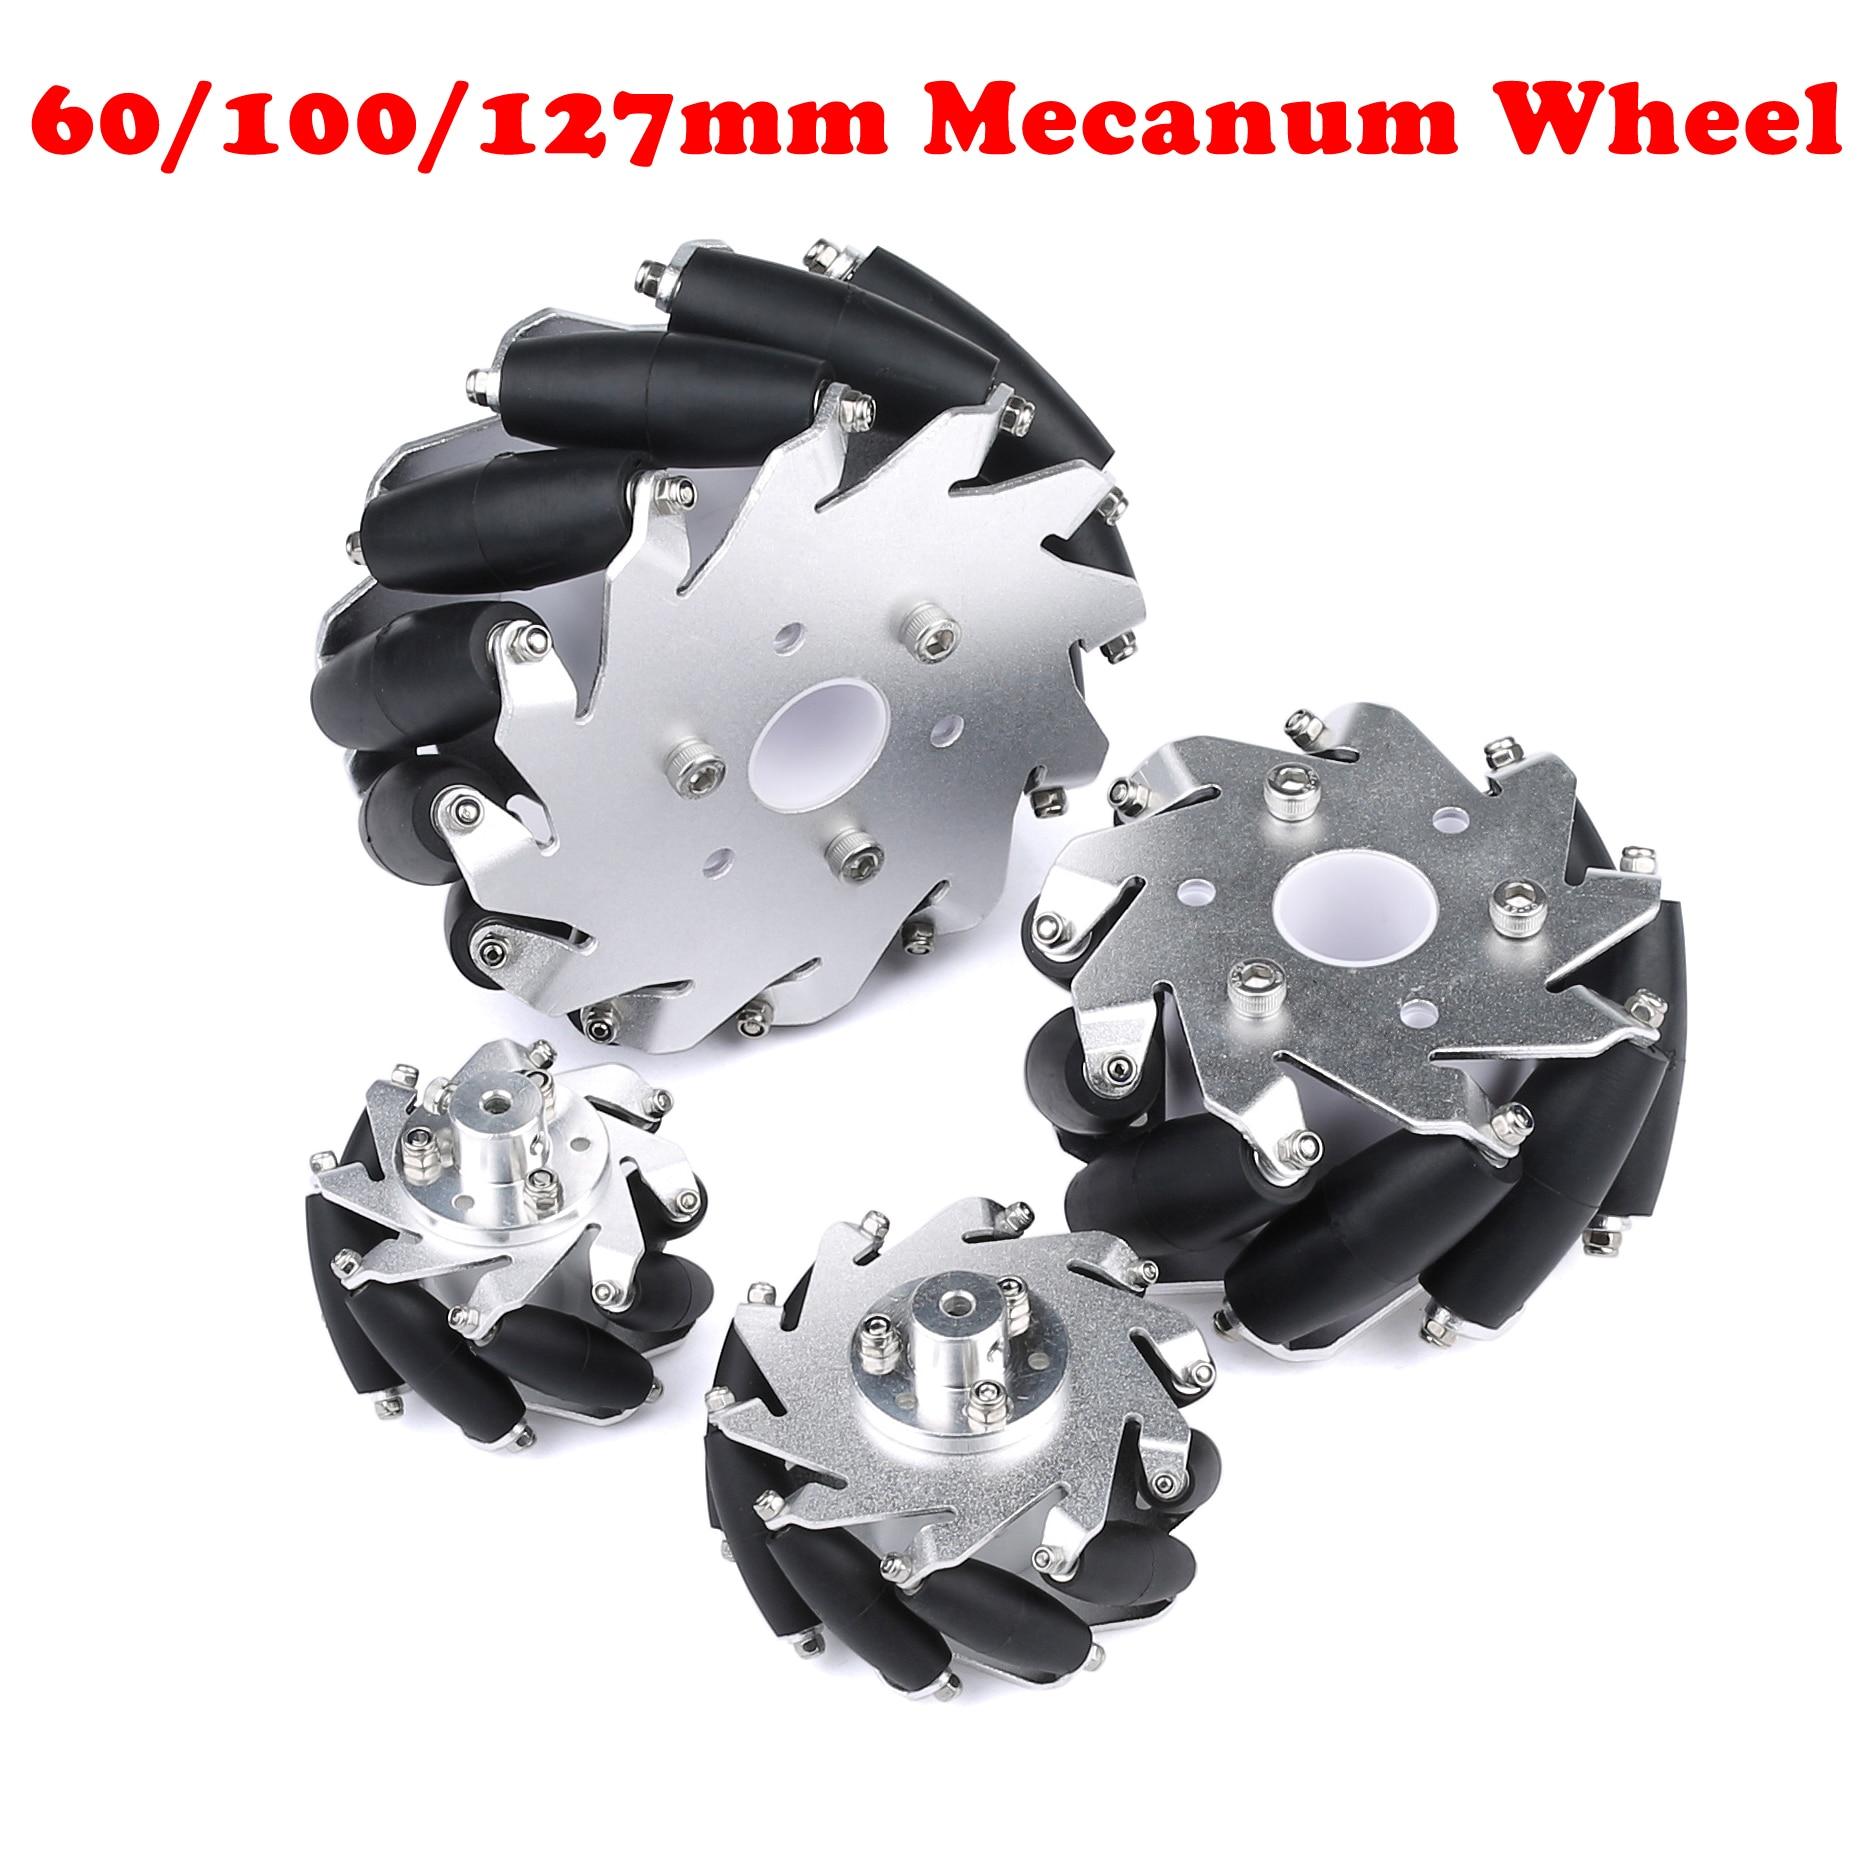 4 قطعة/المجموعة 60 مللي متر 100 مللي متر 127 مللي متر معدن من خليط الألومنيوم Mecanum عجلة متعددة الاتجاهات عجلة لاردوينو التوت بي DIY الروبوتية سيارة